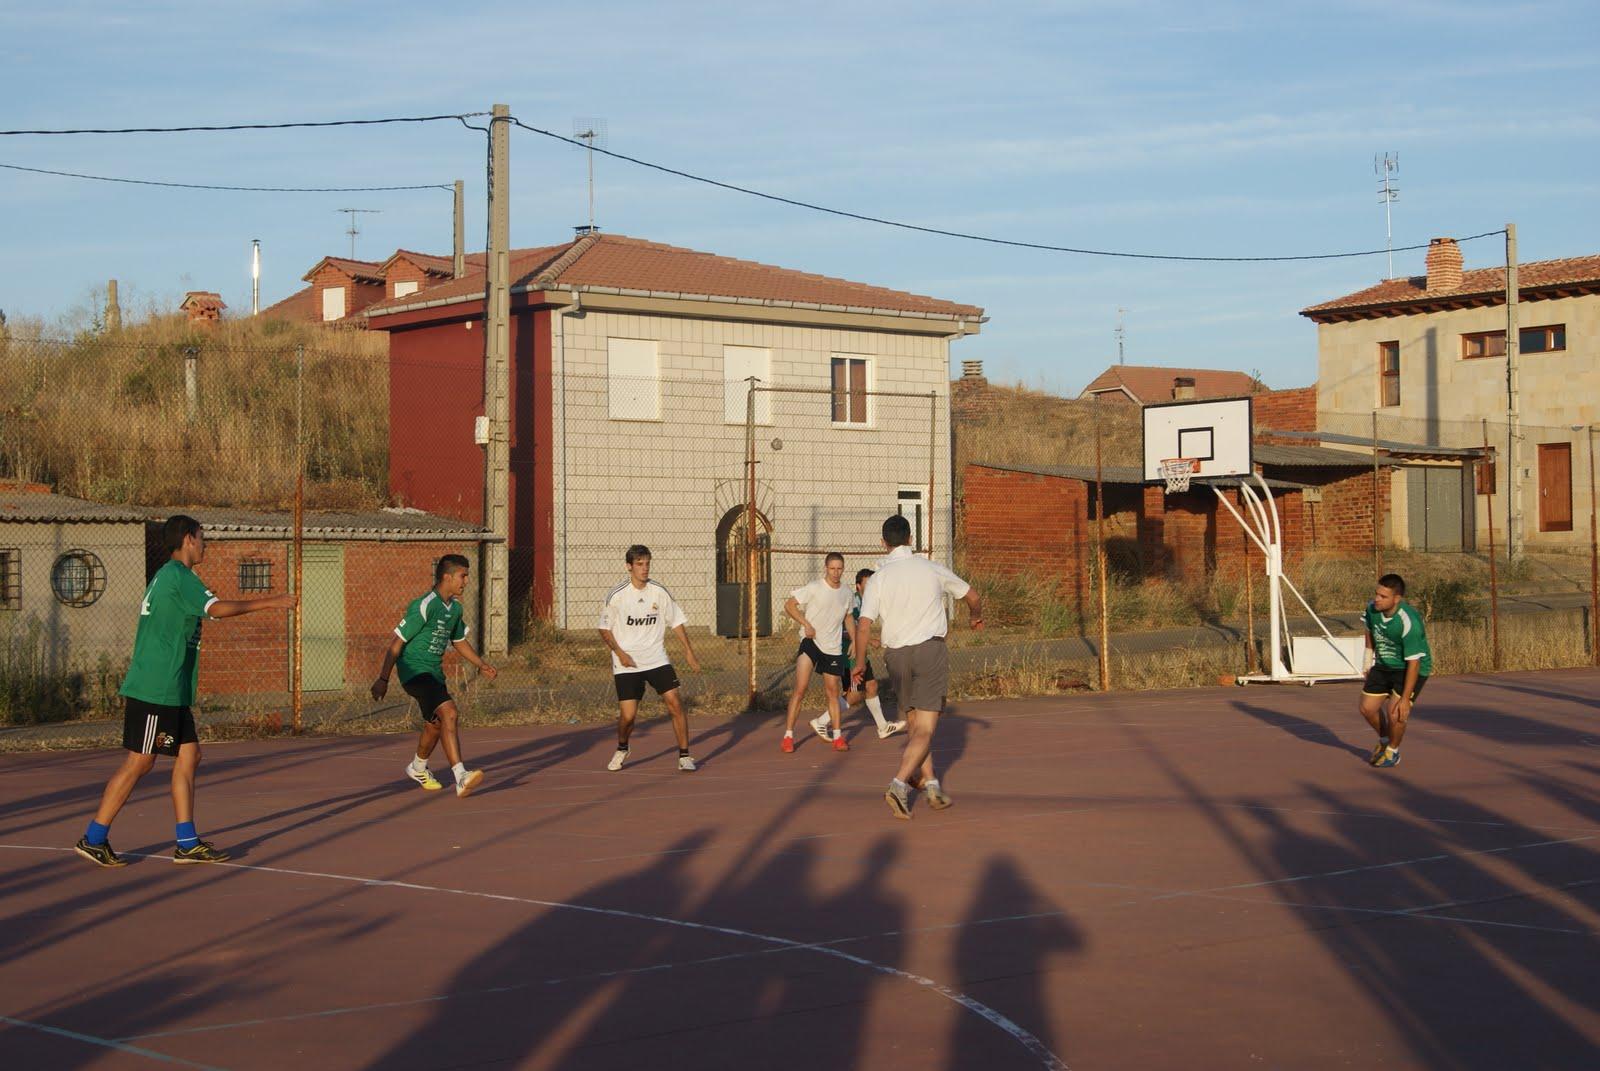 San miguel del camino torneo f tbol sala san miguel del - San miguel del camino ...